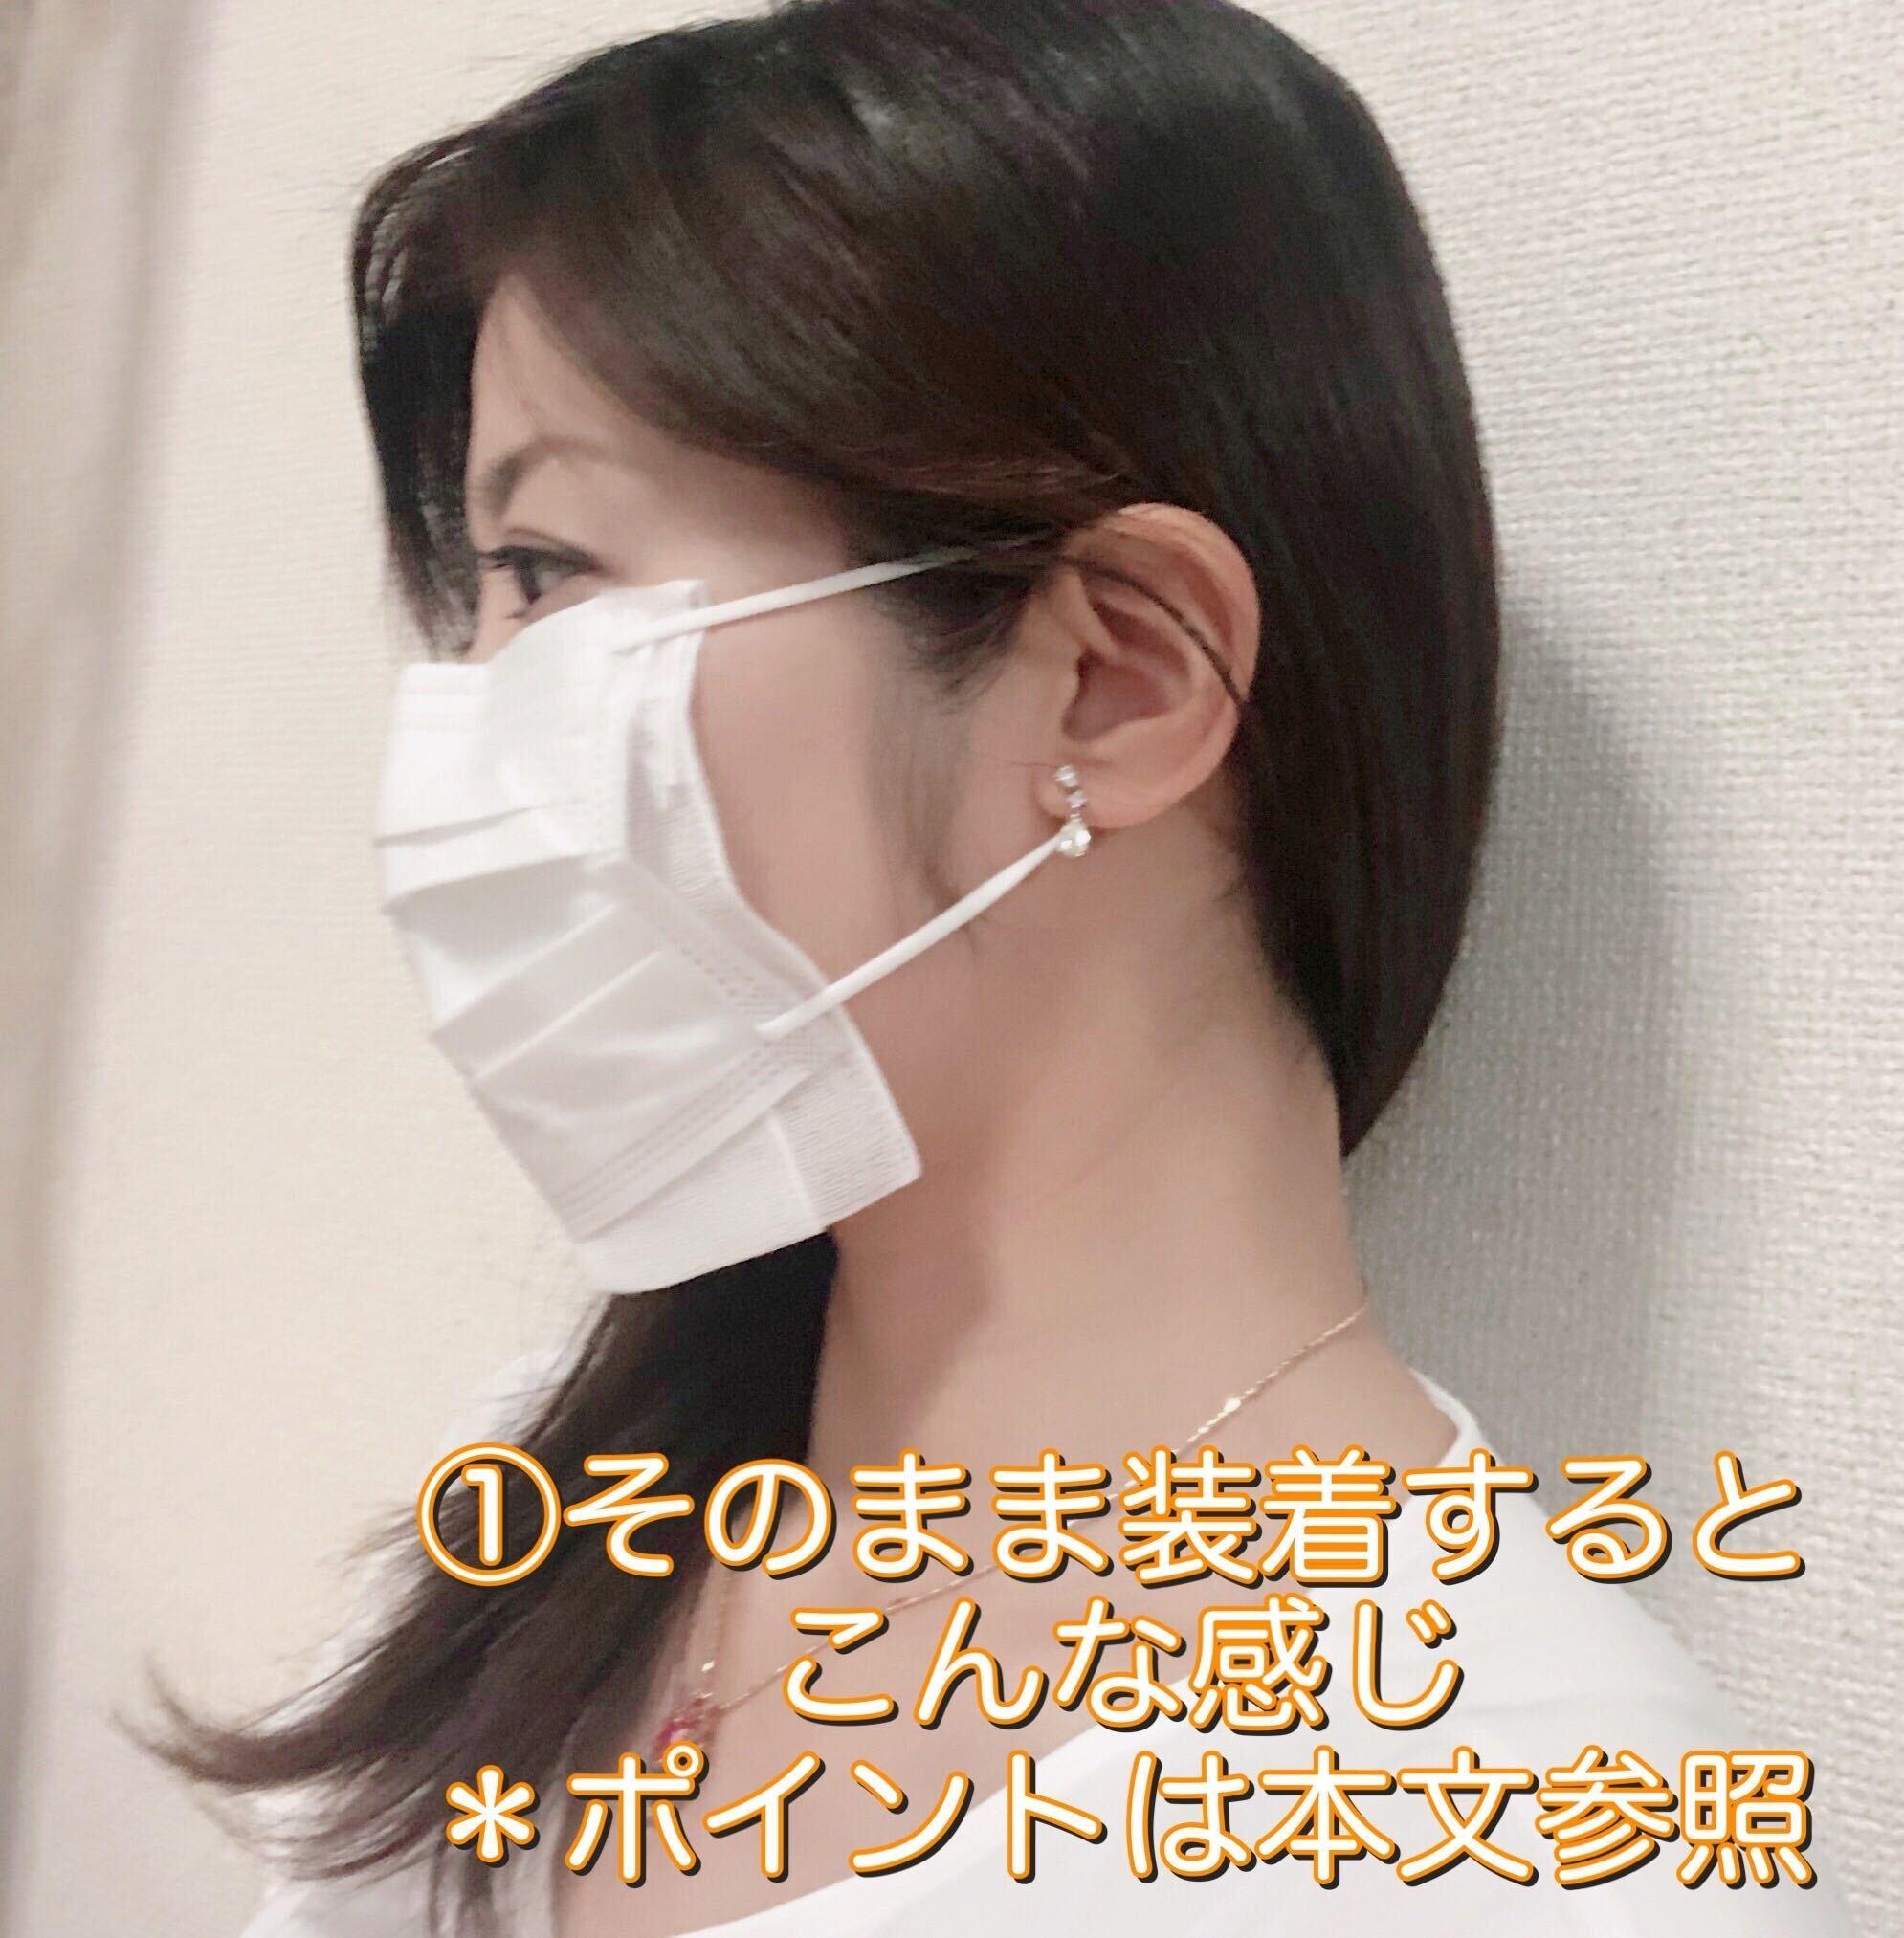 シミ・肌荒れ防止のマスクの着用方法